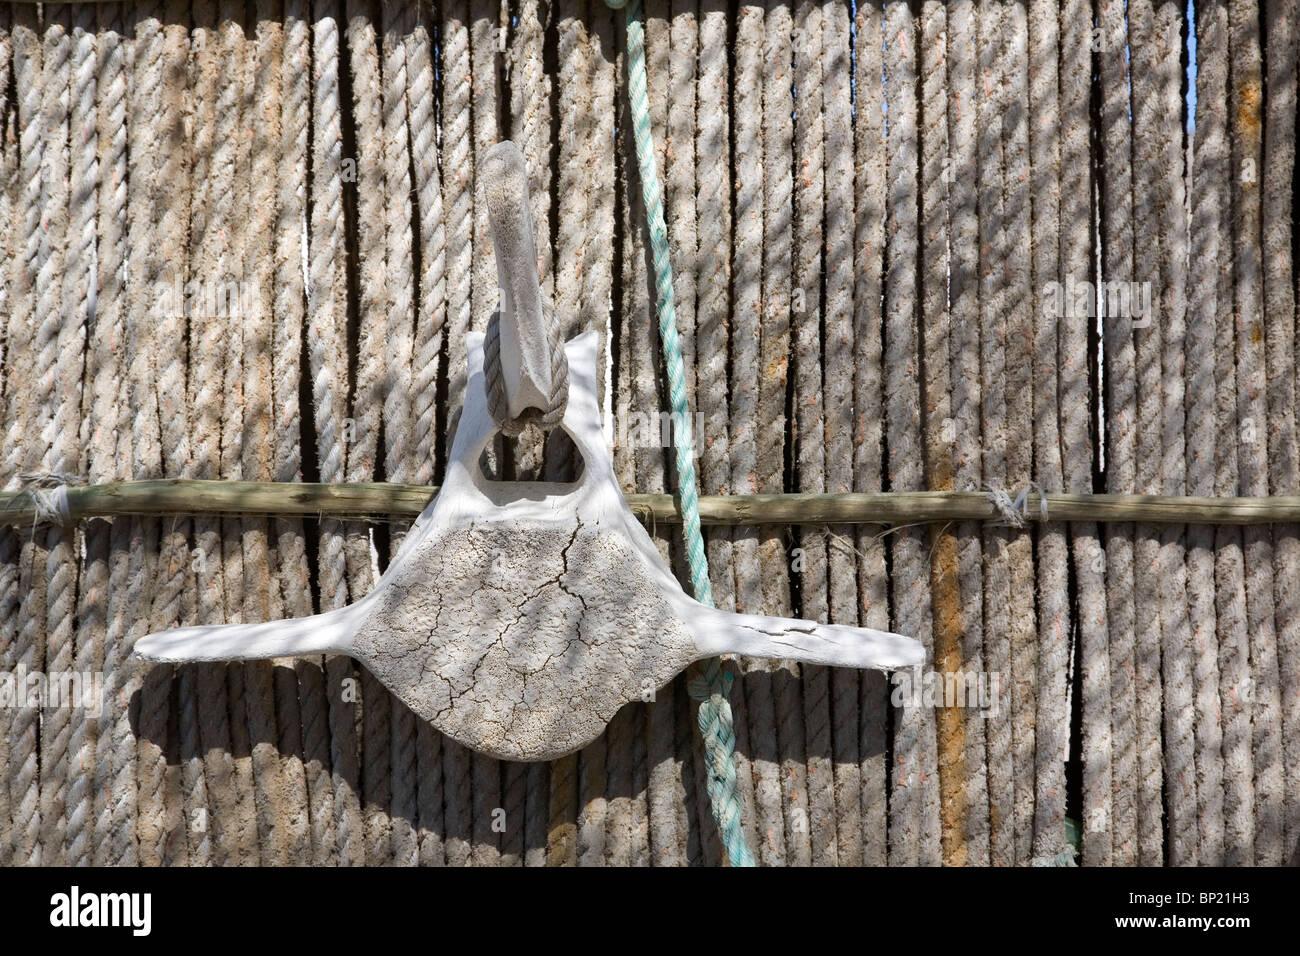 Whalebone vertebra hanging against rope background - Lüderitz  - Namibia - Stock Image